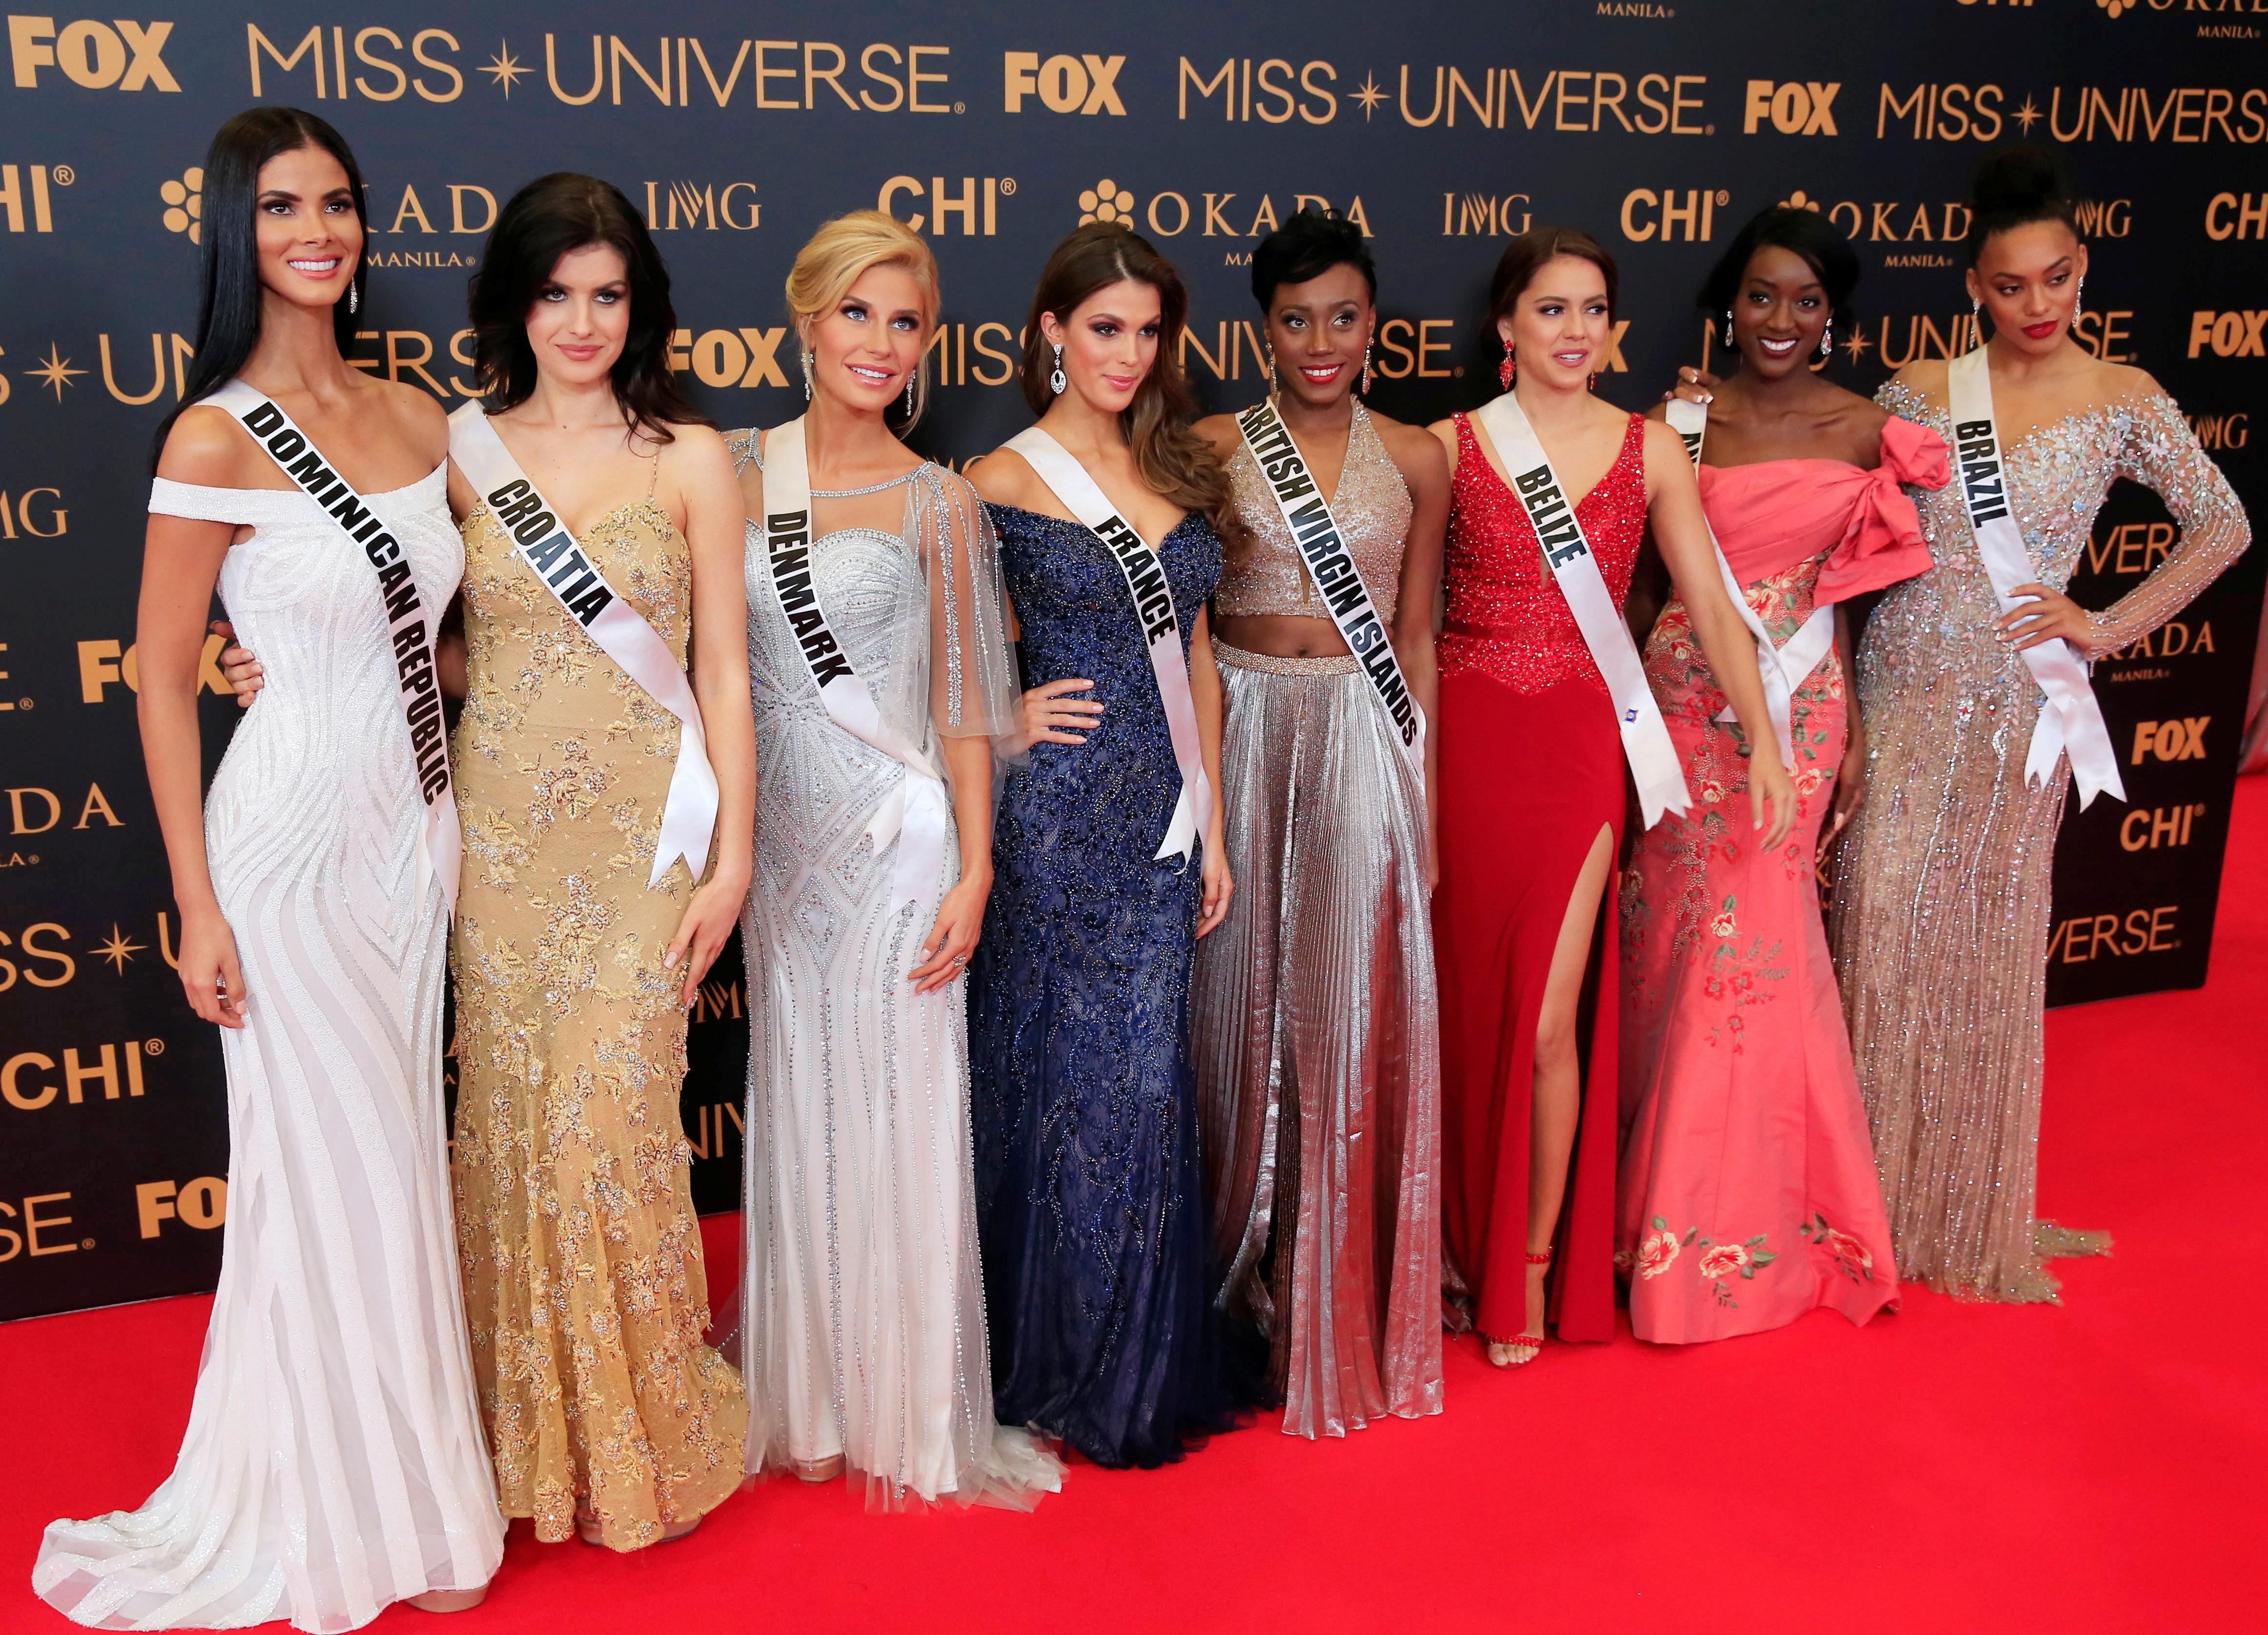 Miss France Iris Mittenaere Wins Miss Universe